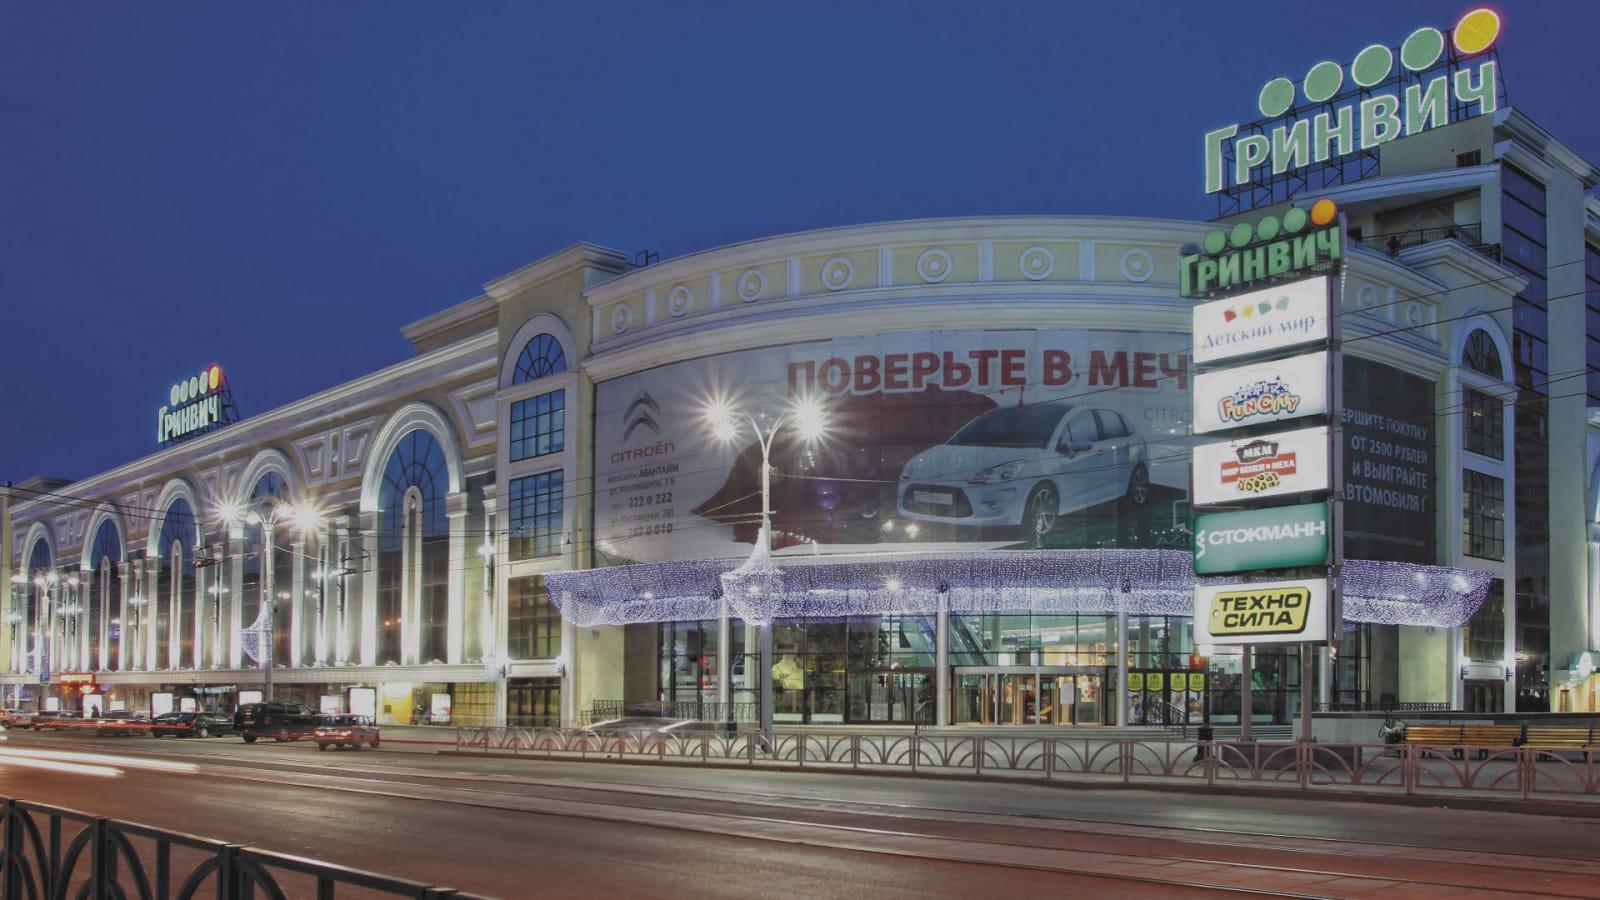 俄罗斯超市Гринвич|俄罗斯留学物价|俄罗斯超市物价|俄罗斯留学